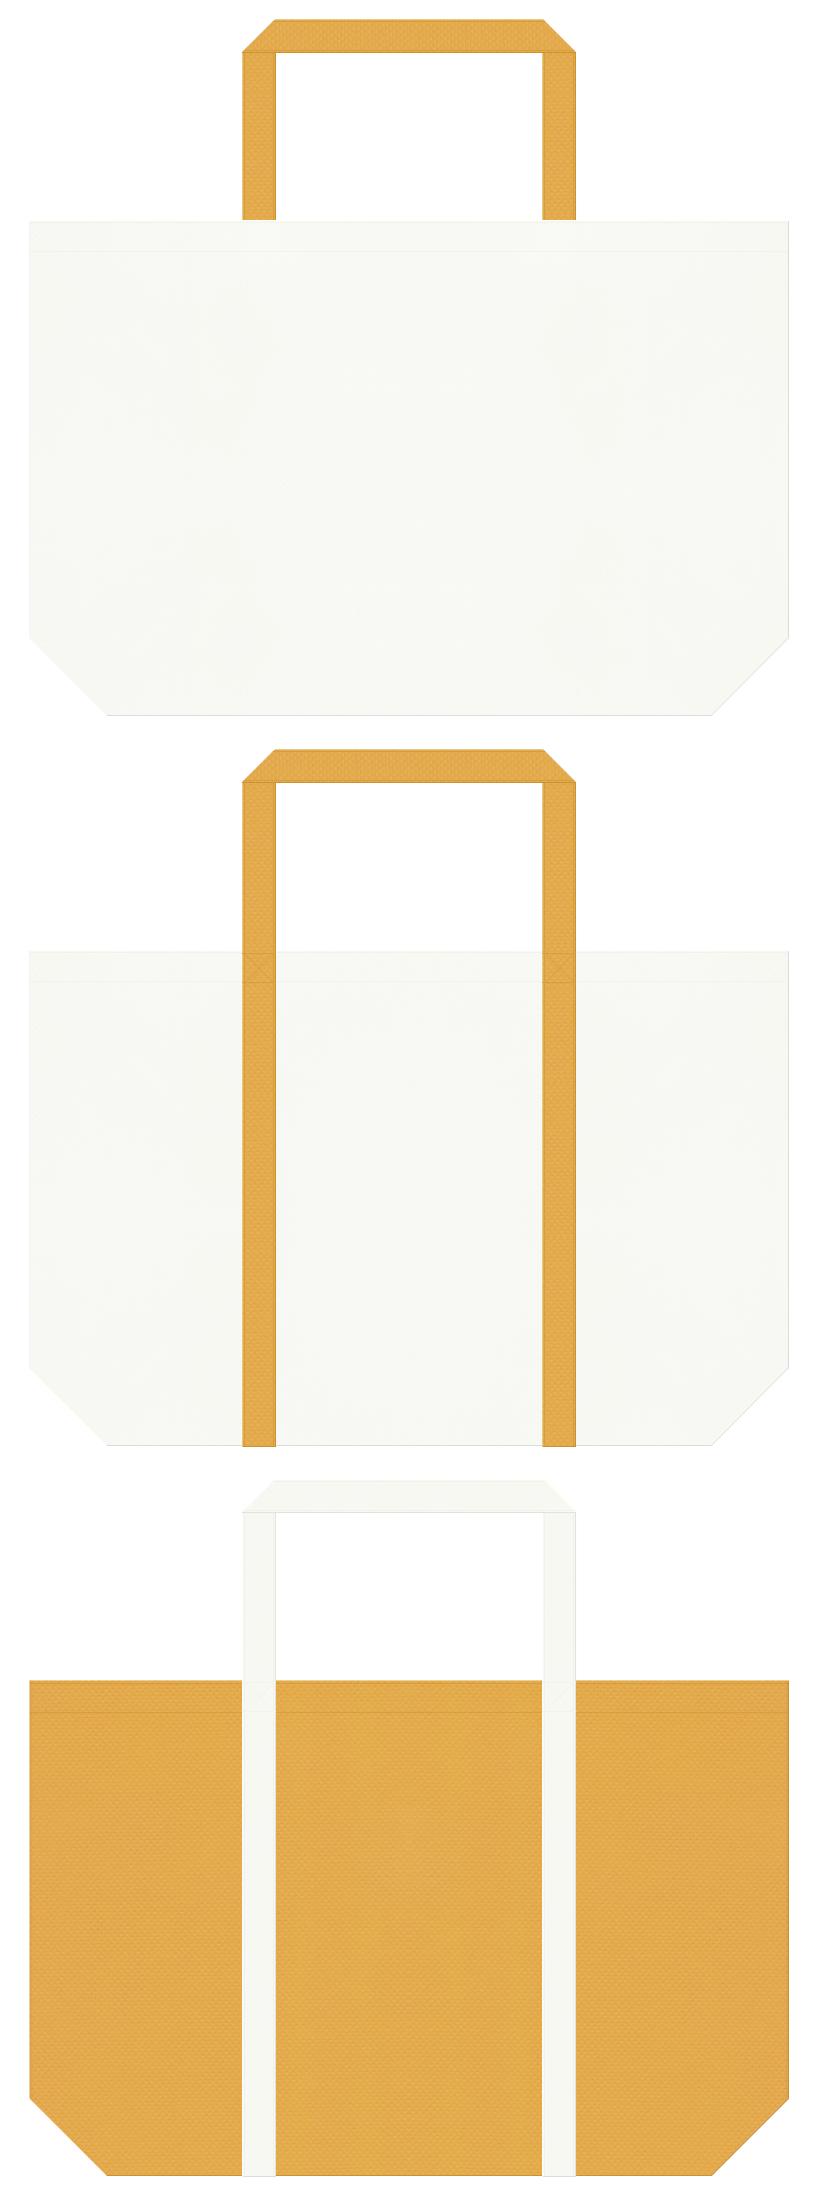 オフホワイト色と黄土色の不織布ショッピングバッグのデザイン。スイーツ・ベーカリーのショッピングバッグにお奨めです。